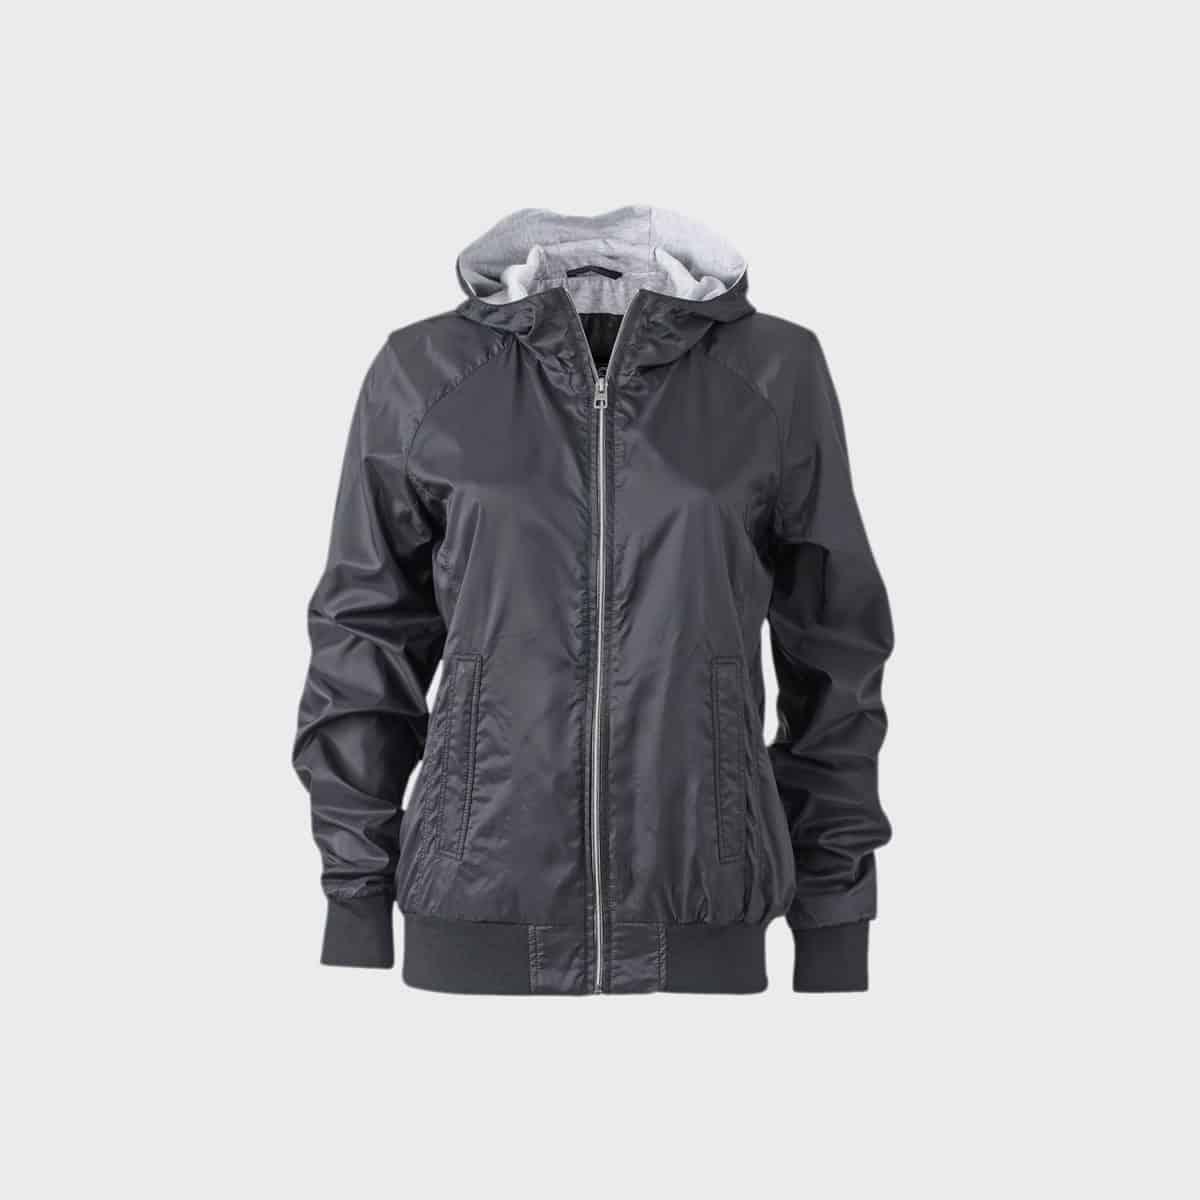 sport-jacket-damen-blacl-kaufen-besticken_stickmanufaktur